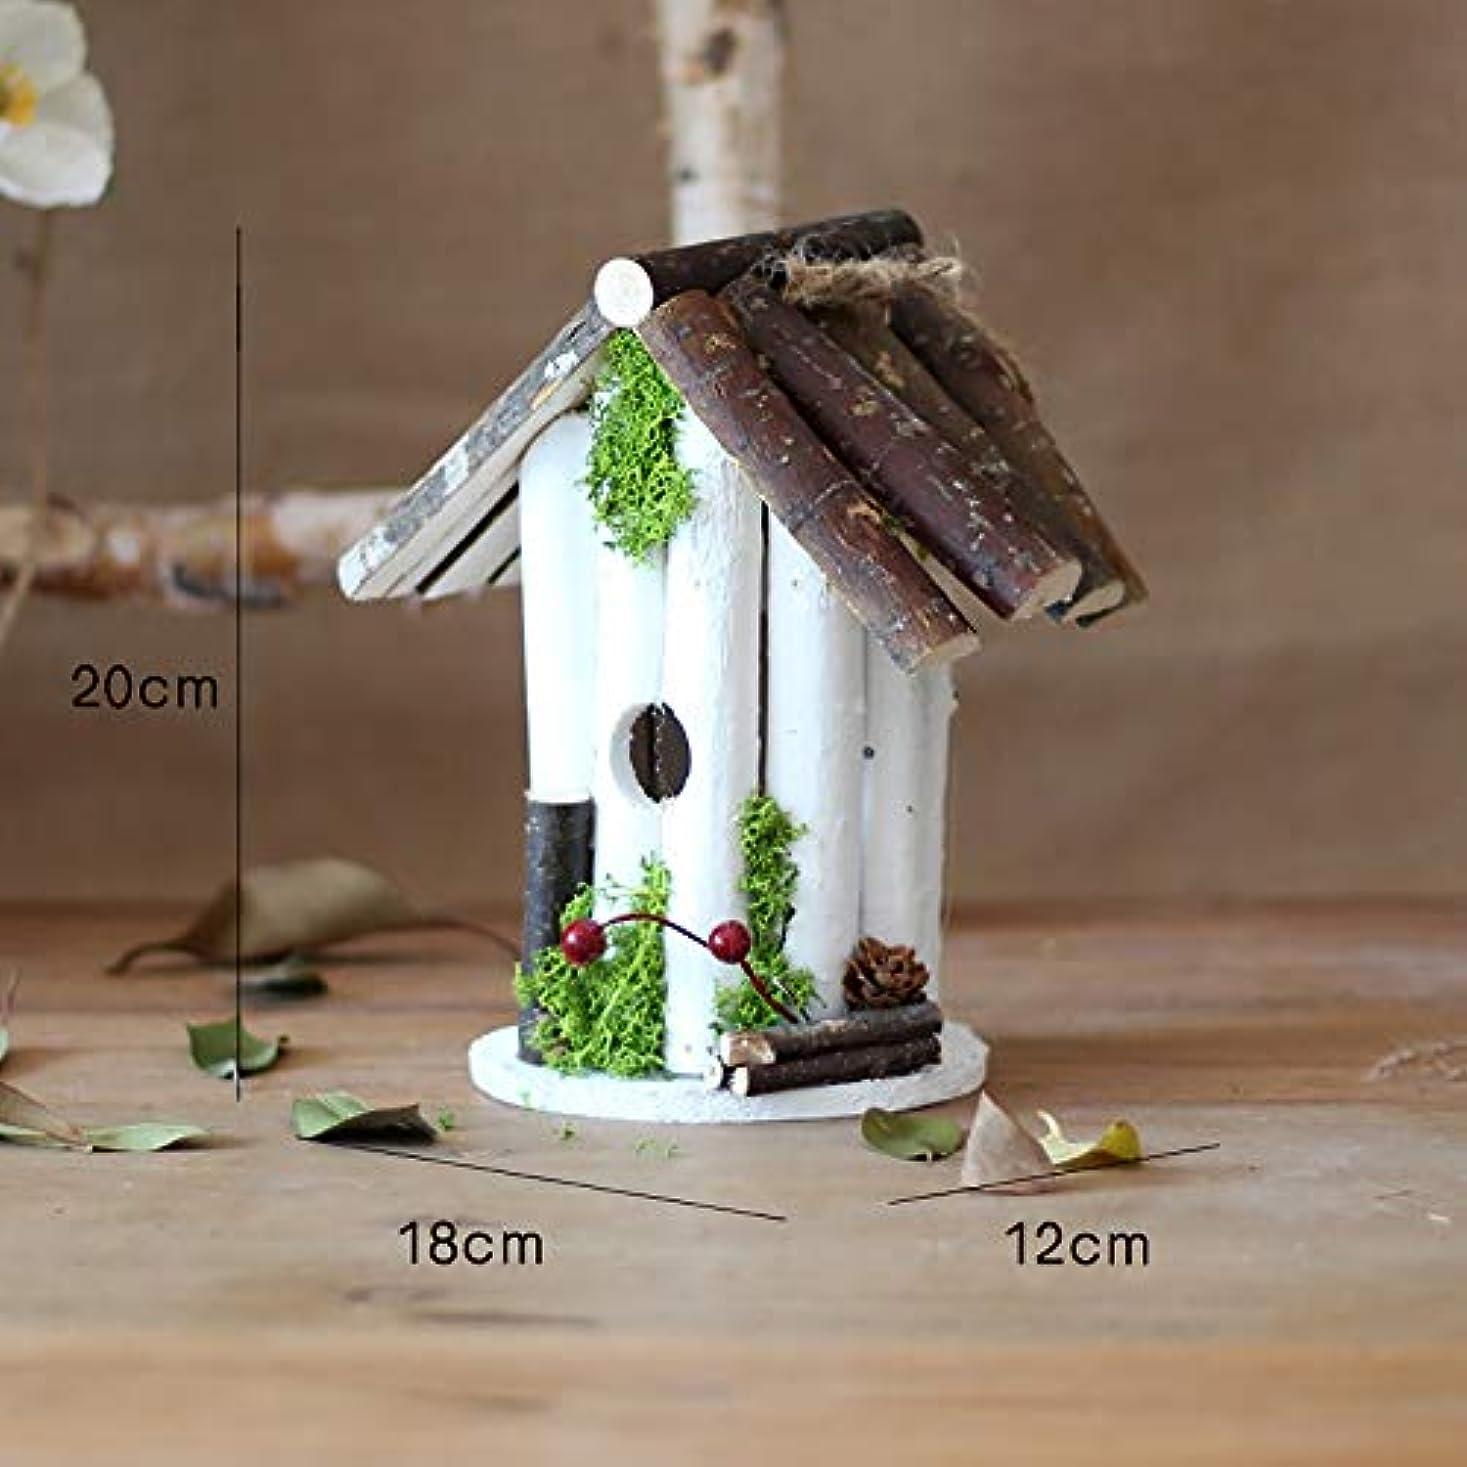 受信コードレスシャーロットブロンテ野鳥の巣箱 小さな鳥自然Ventilatioのための木製の外ハンギングバードハウス 屋外 庭の装飾 (Color : B, Size : Free size)